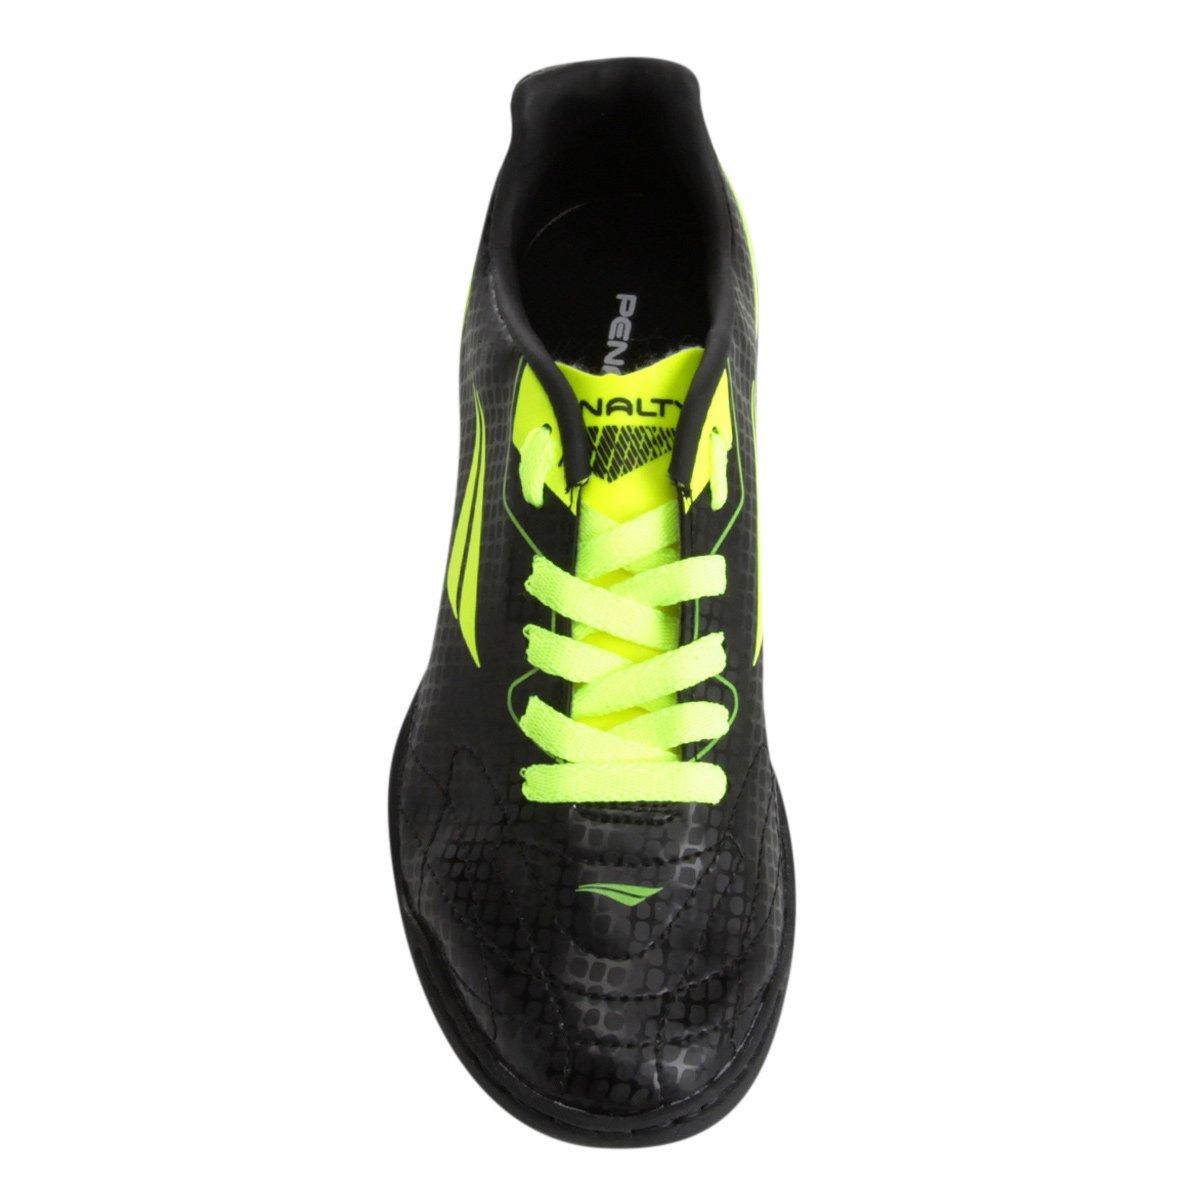 3fe7538c42 Chuteira Society Infantil Penalty Soccer Matis VIII - Preto e ...